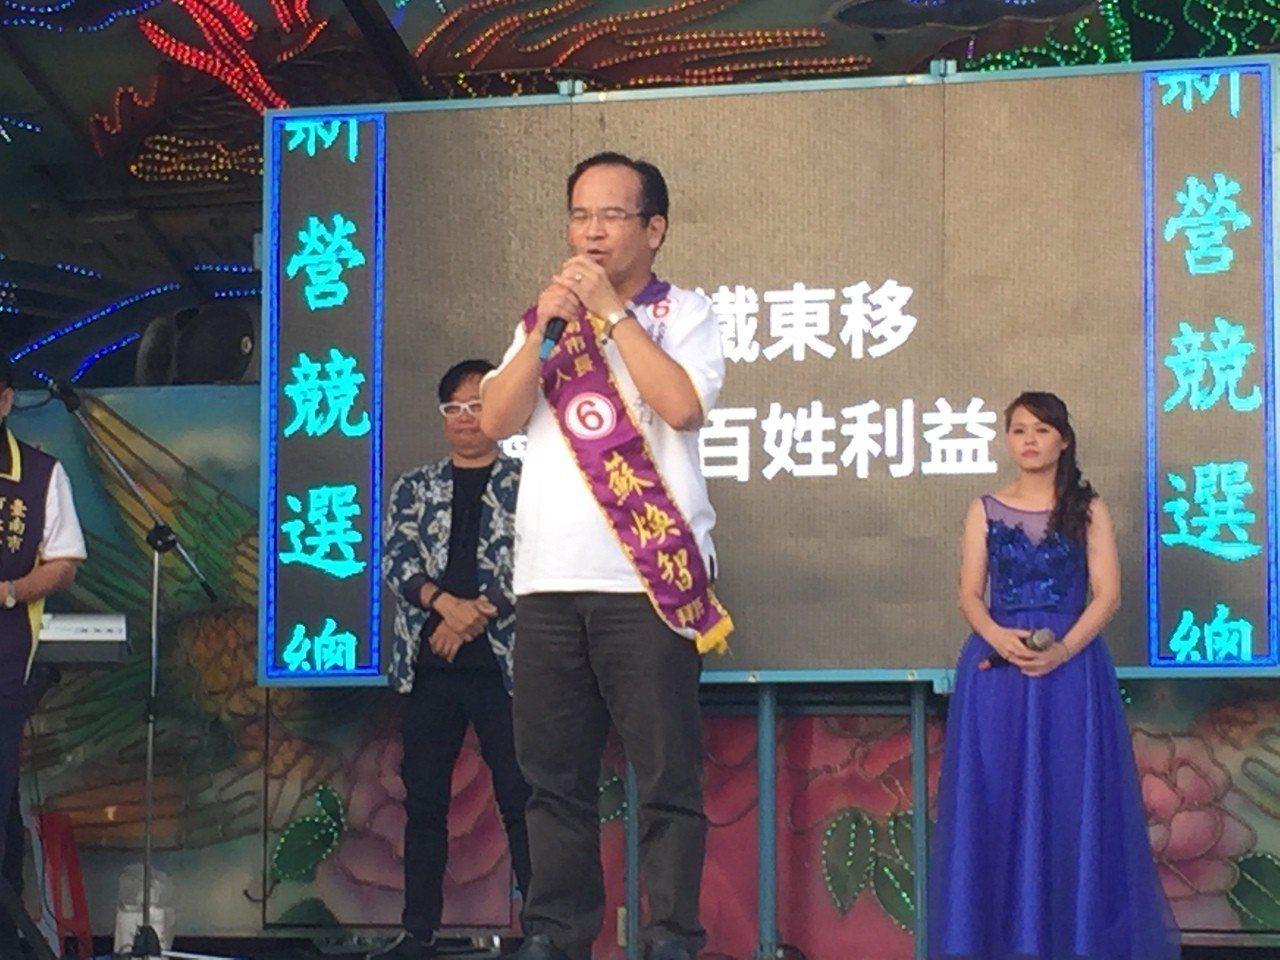 無黨籍台南市長候選人蘇煥智(左)成立新營競選總部。記者吳政修/攝影